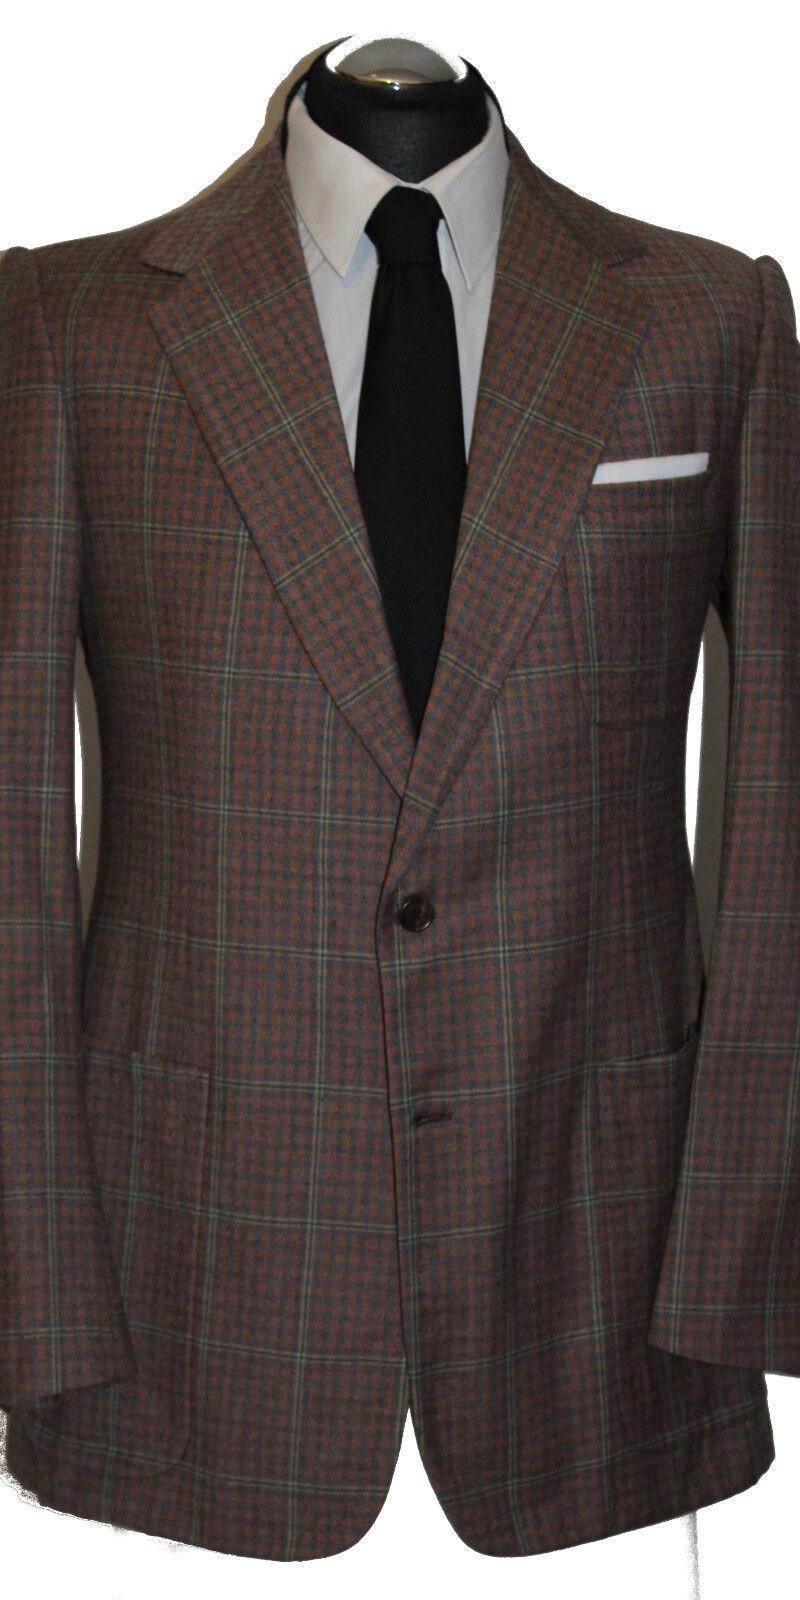 DIMITRI handmade Anzug Gr. 50 handgenäht durchknöpfbare Manschetten Braun Orange   | Bekannt für seine gute Qualität  | Trendy  | Optimaler Preis